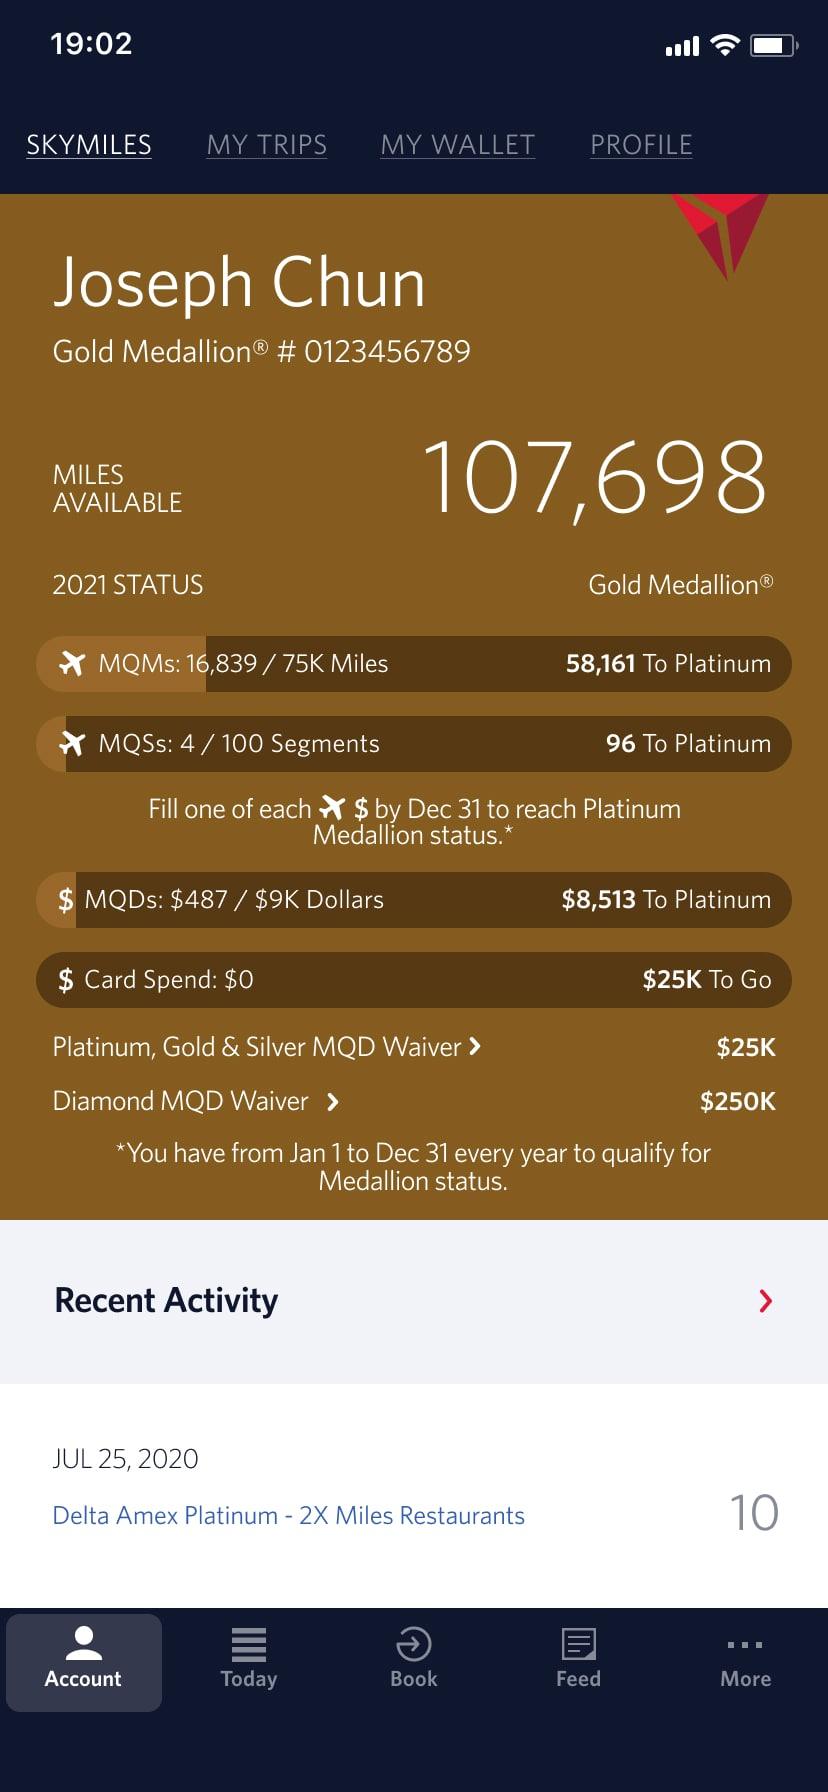 a screen shot of the current Delta App Skymiles screen